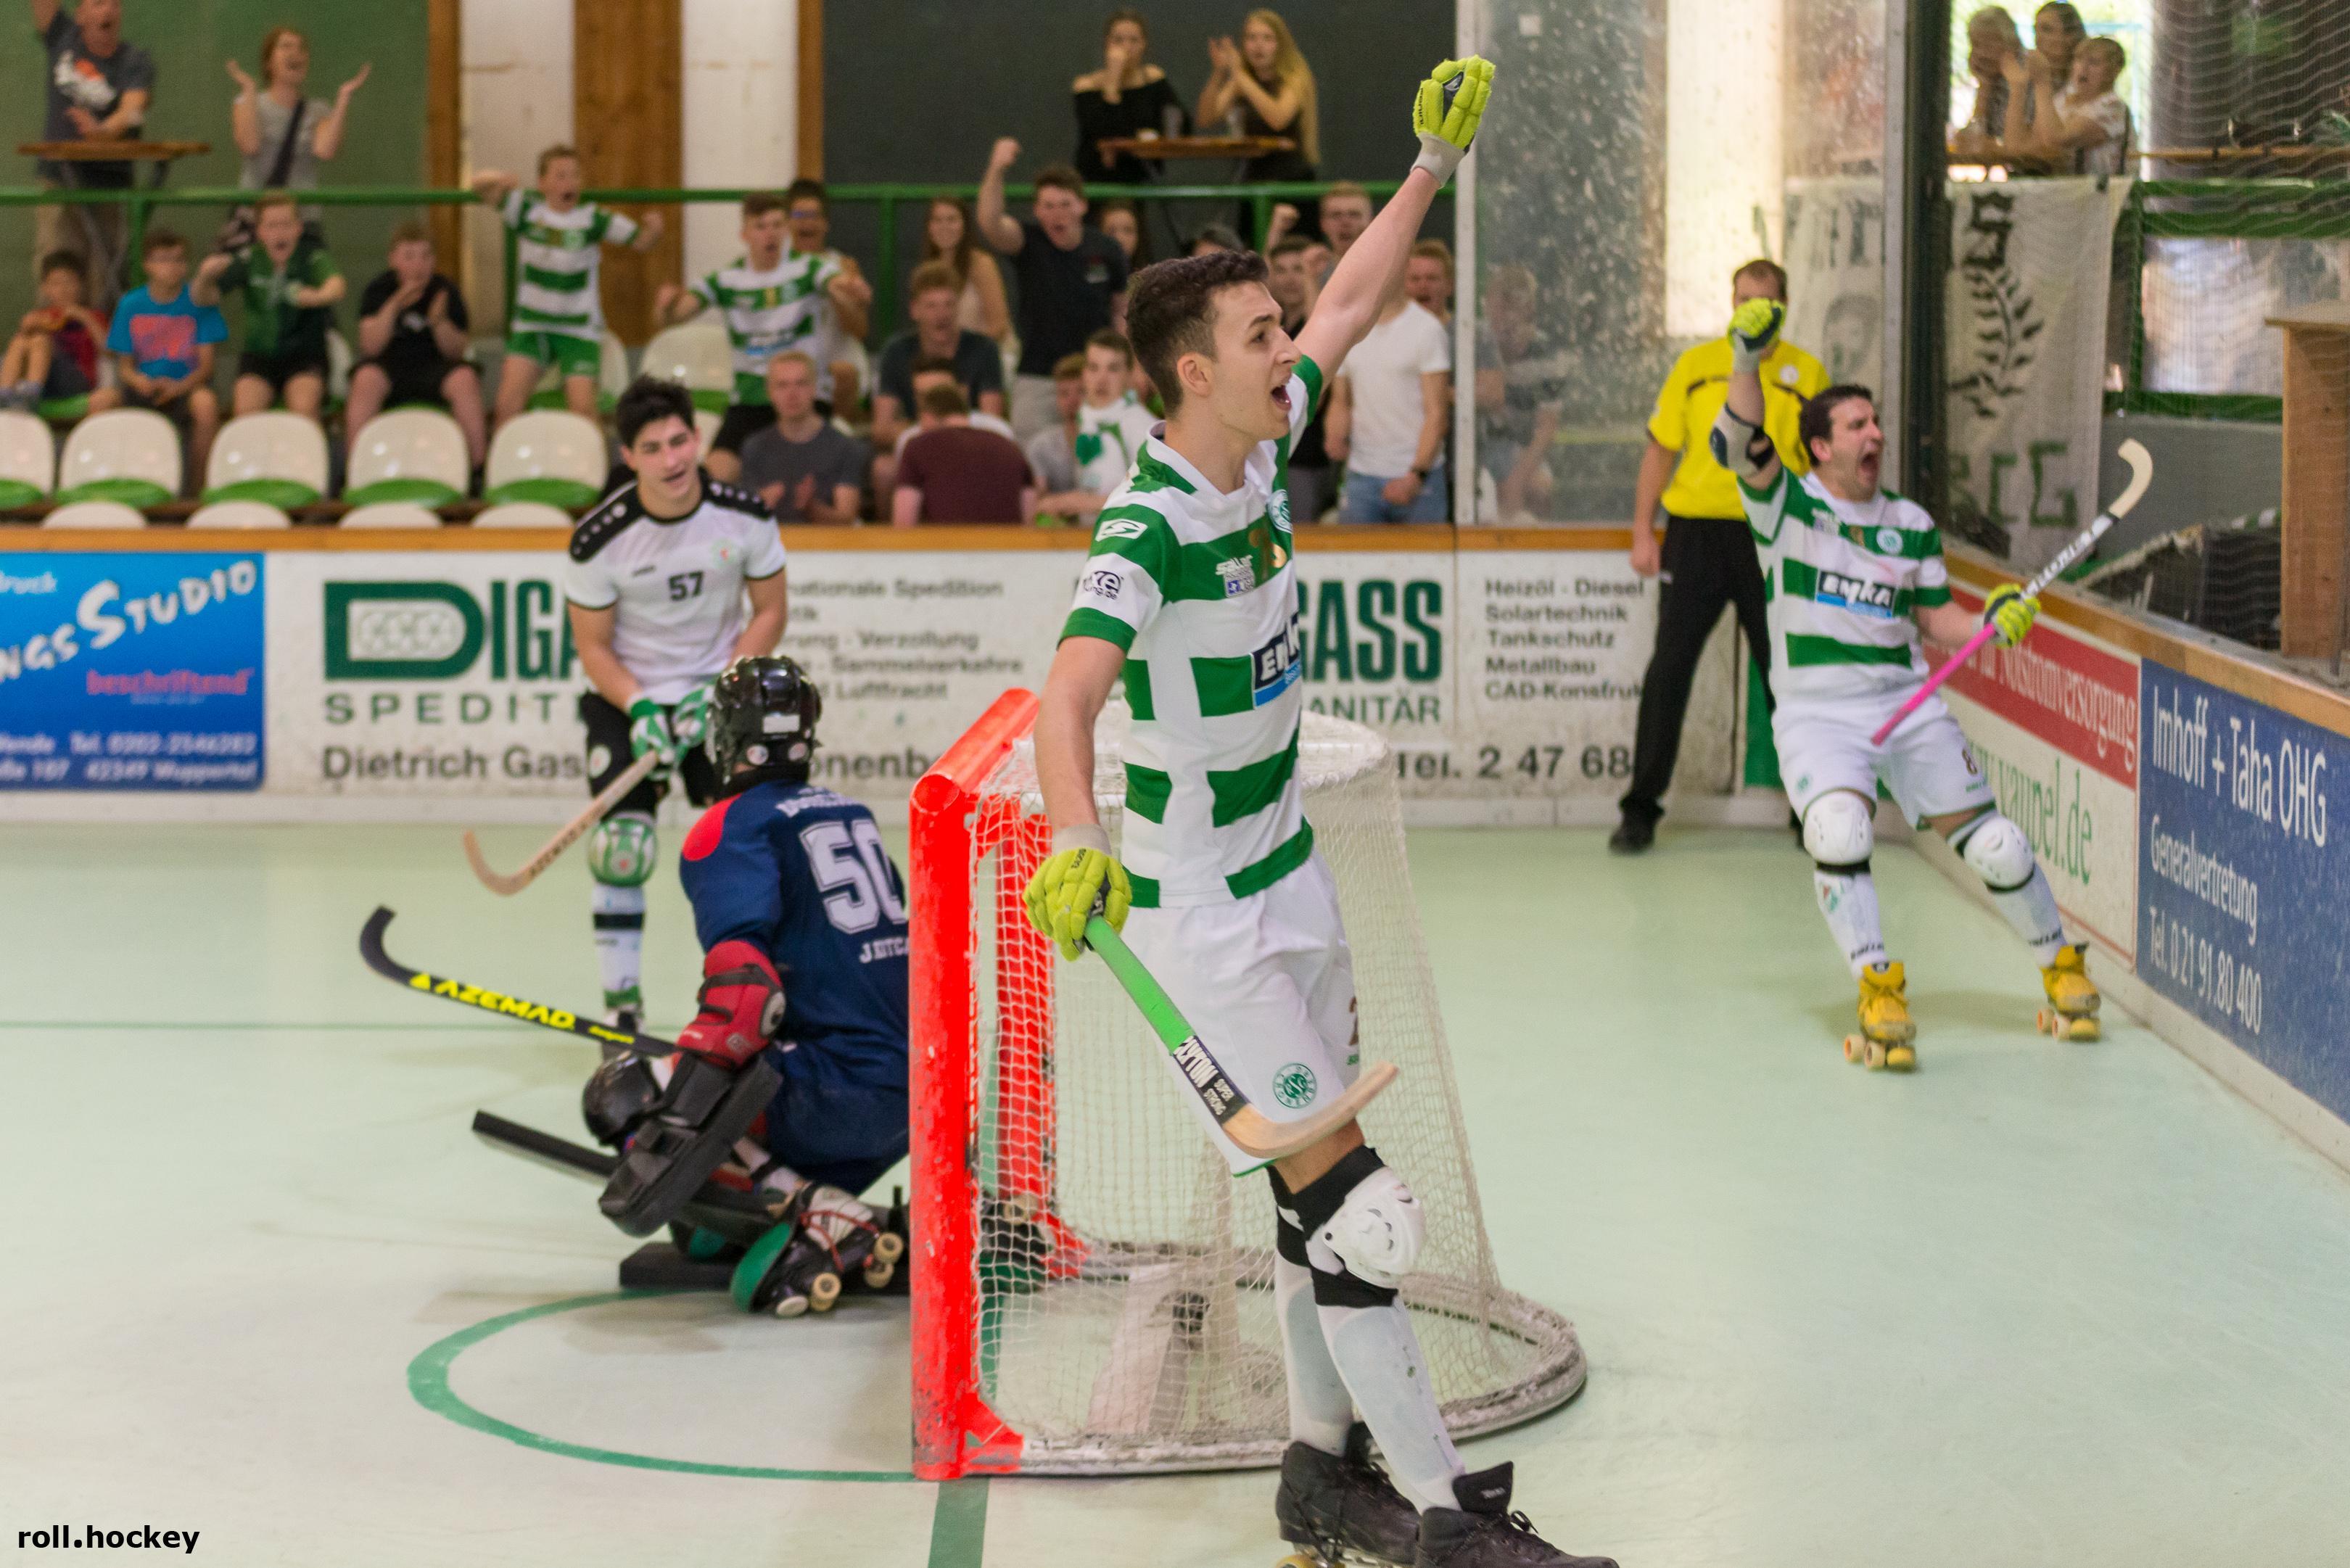 RSC Cronenberg Rollhockey Bundesliga Herren Spieltag 21.04.2018